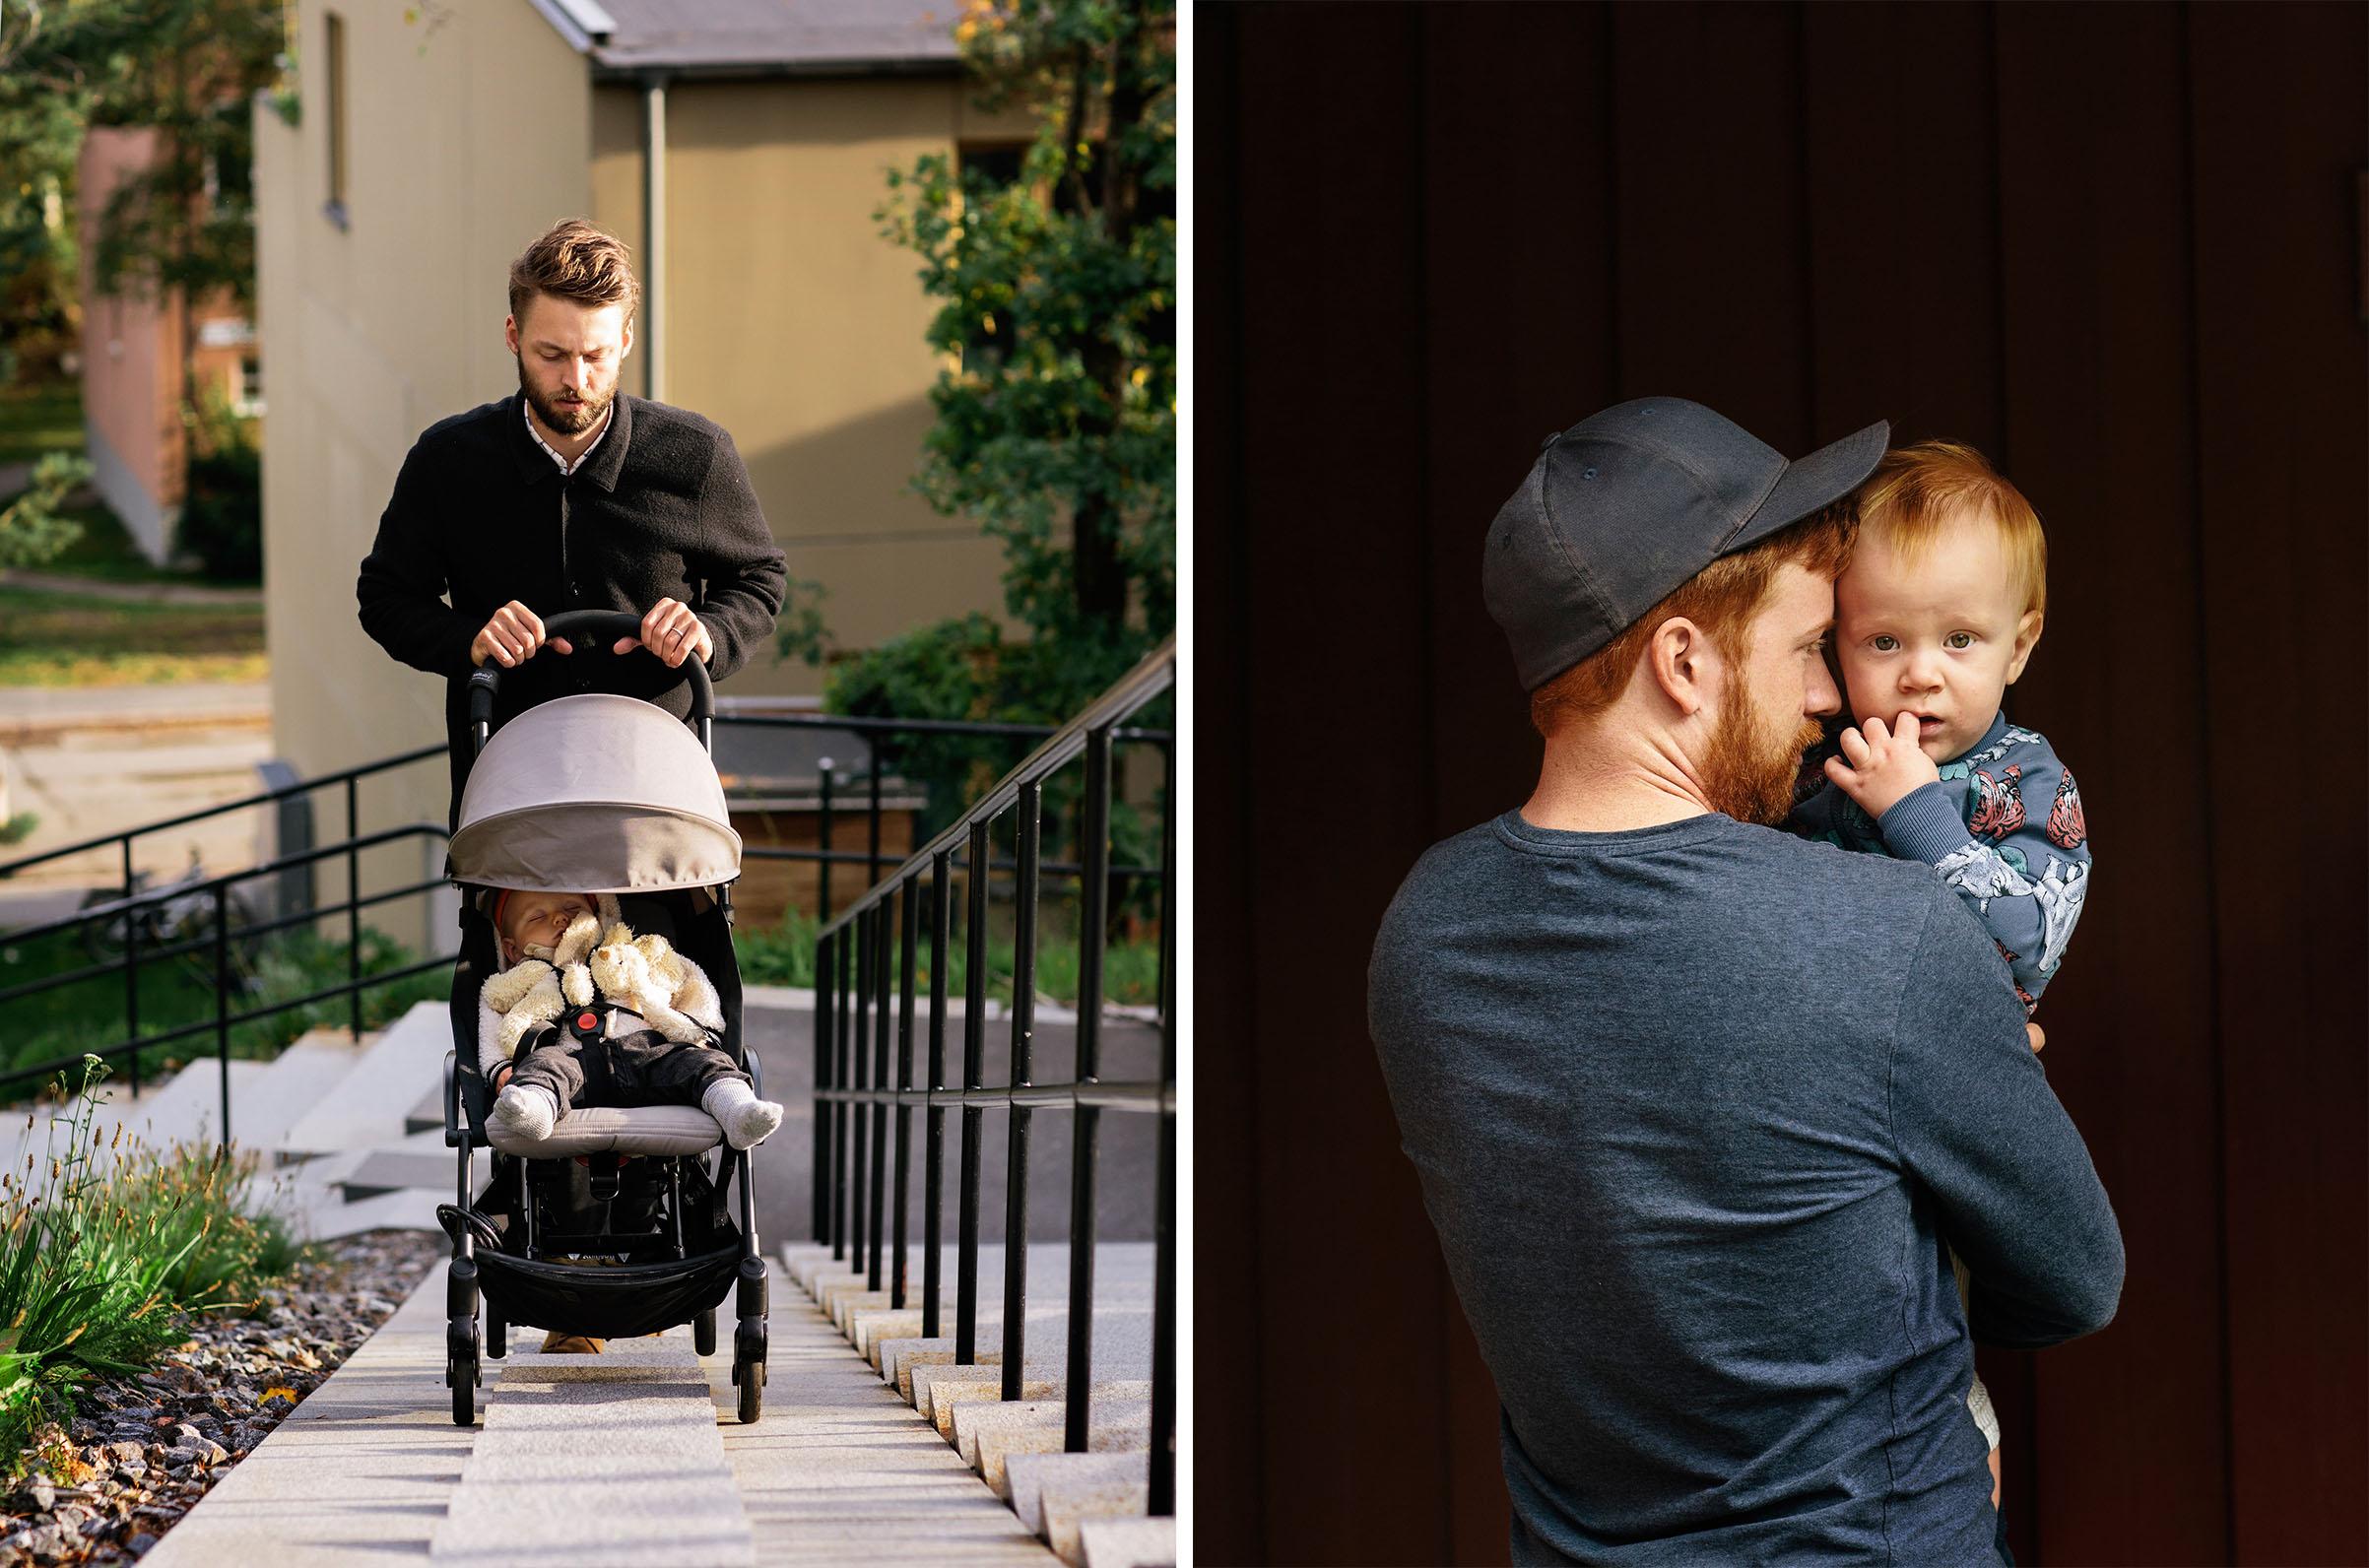 Martin Gunséus, 30, with his son Pim, 9 months old in Stockholm, on Aug. 18; Tobias Rosengren and his son Hugo outside of Öppen Förskola in Årsta, Stockholm, a meeting place for parents on parental leave.